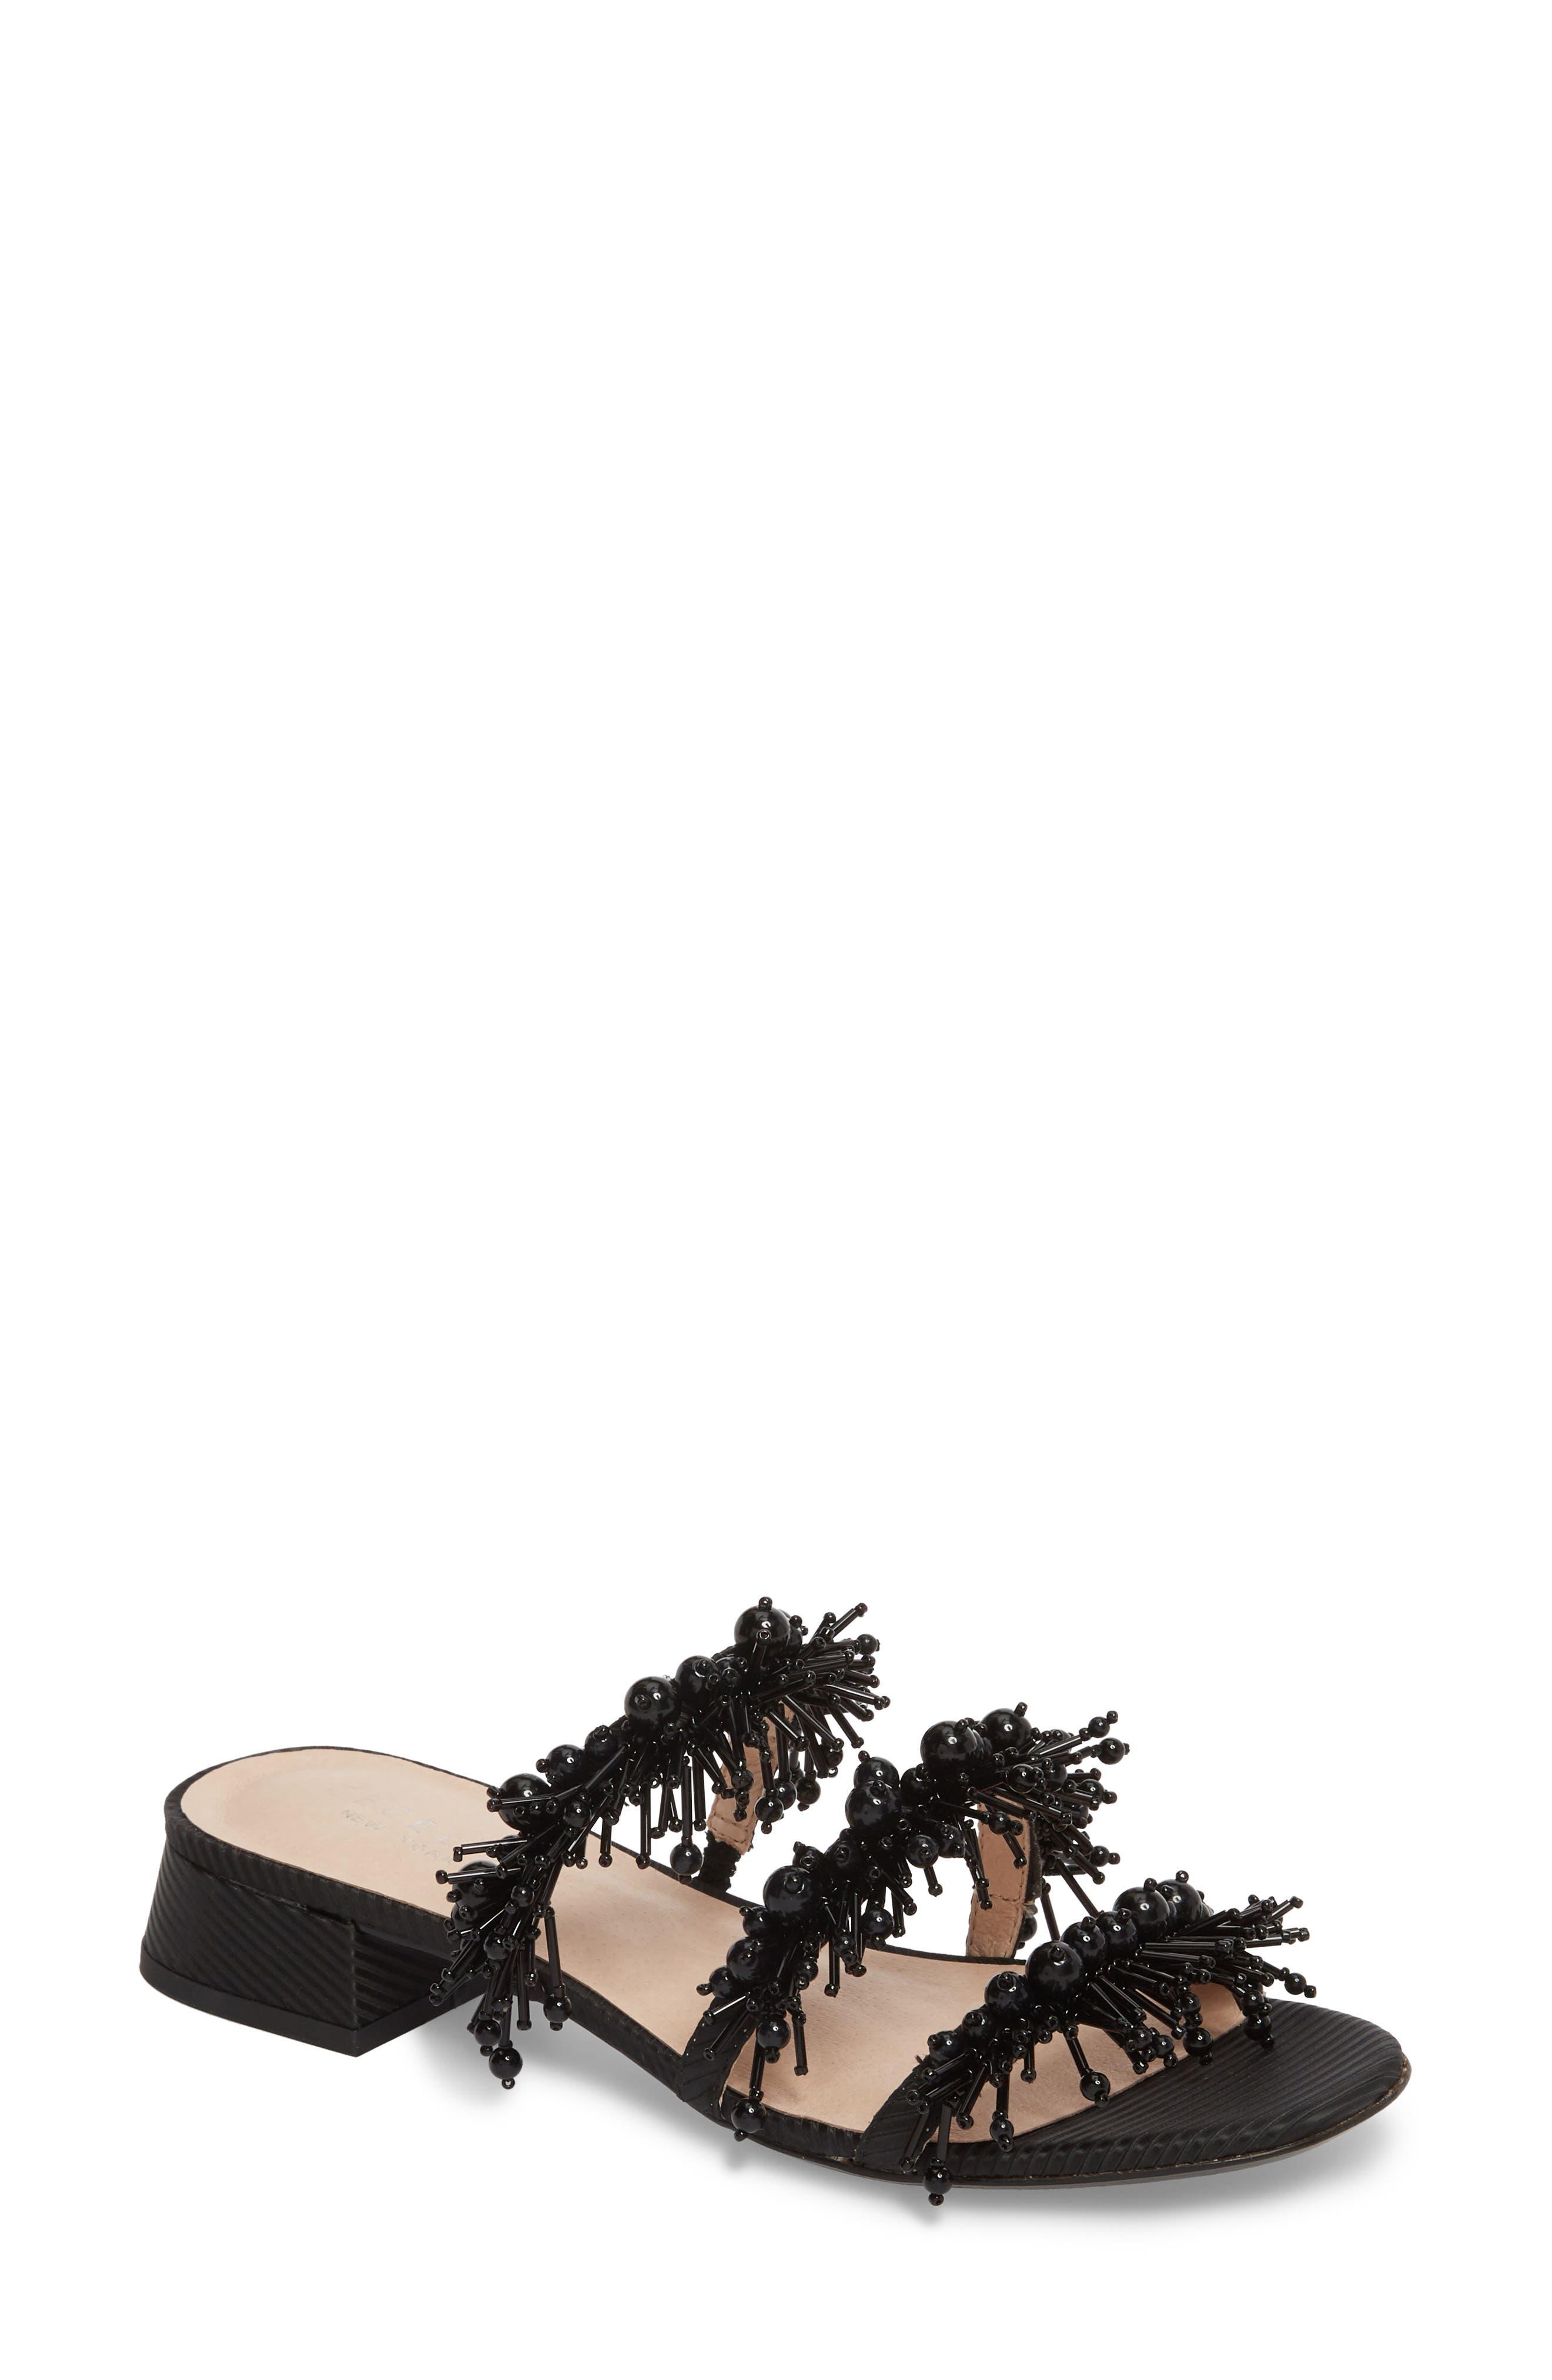 Fes Embellished Slide Sandal,                         Main,                         color, BLACK FABRIC